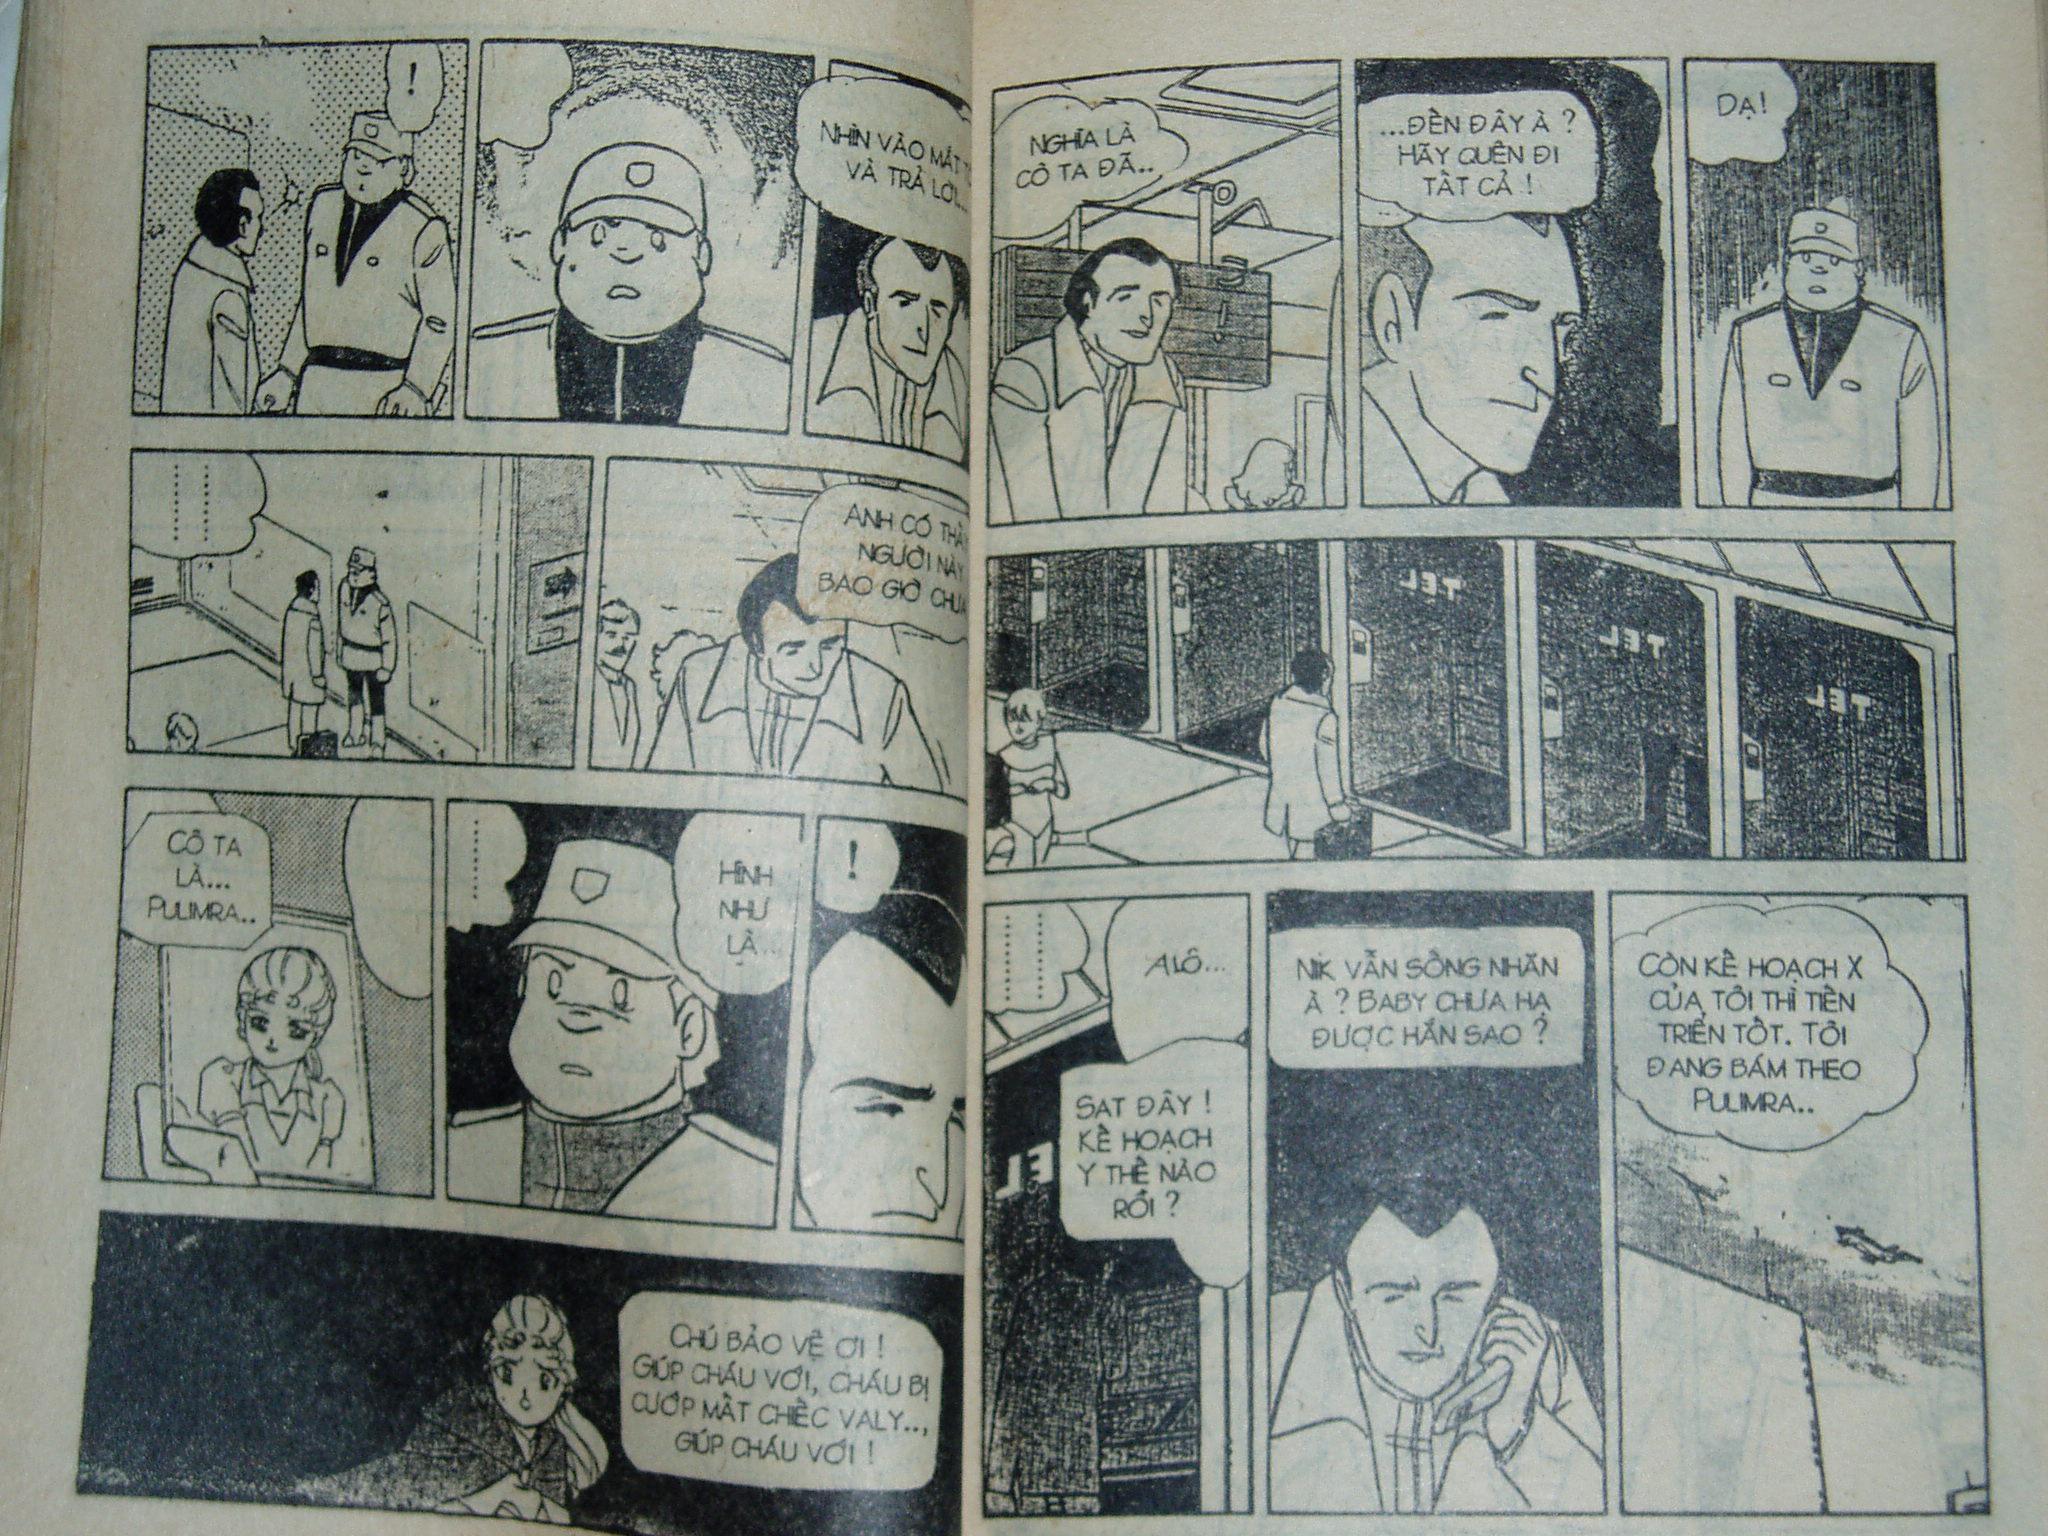 Siêu nhân Locke vol 16 trang 31